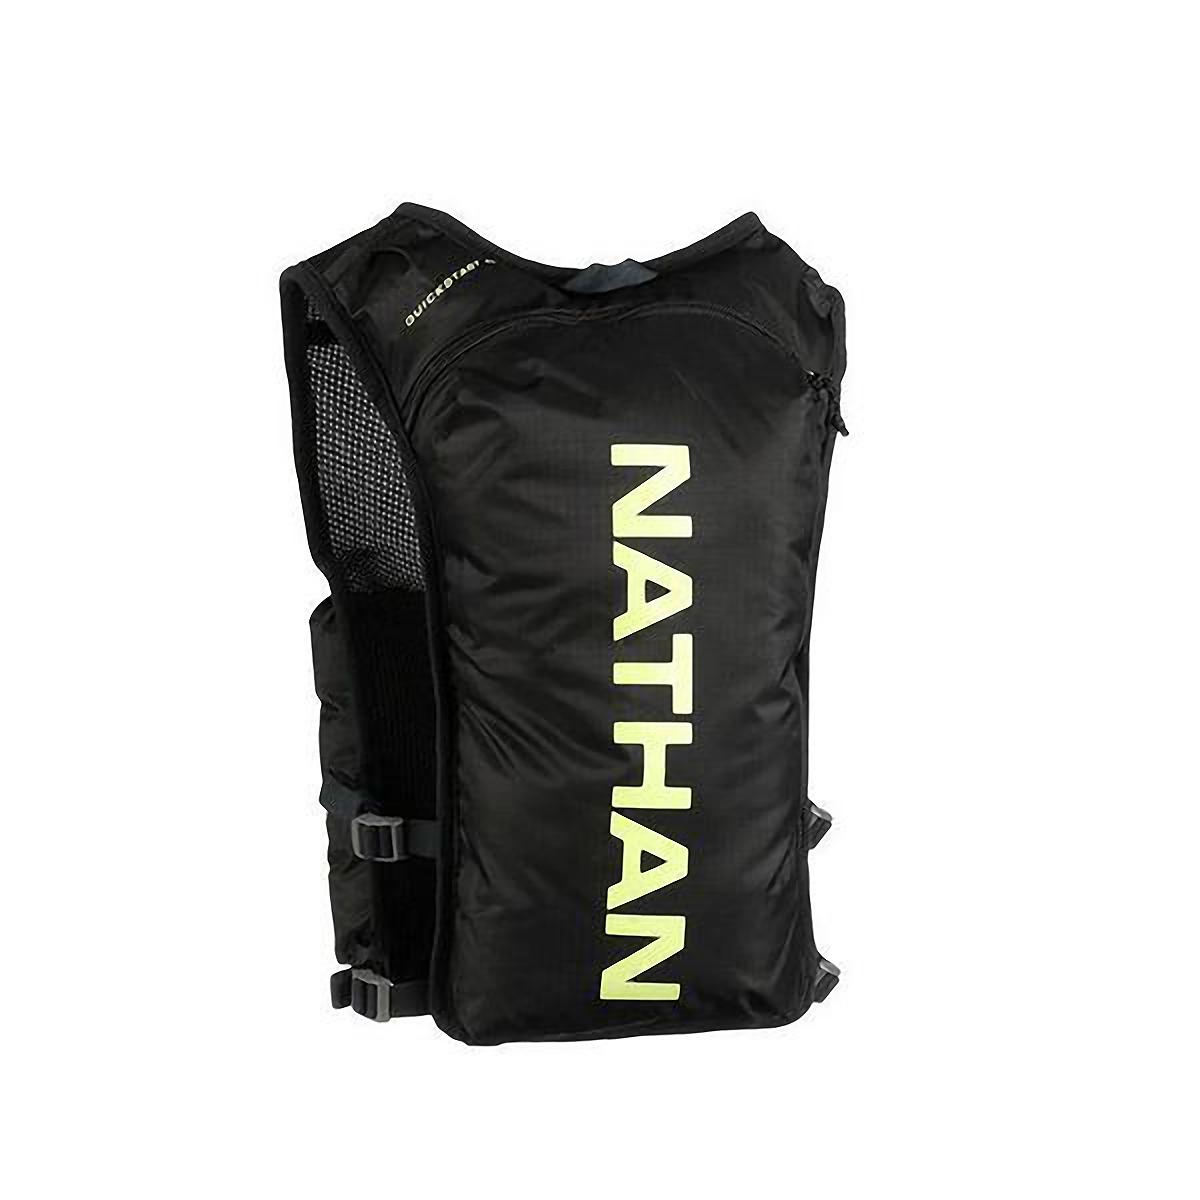 Nathan Quickstart 4 Liter Race Pack - Color: Black - Size: One Size, Black, large, image 4